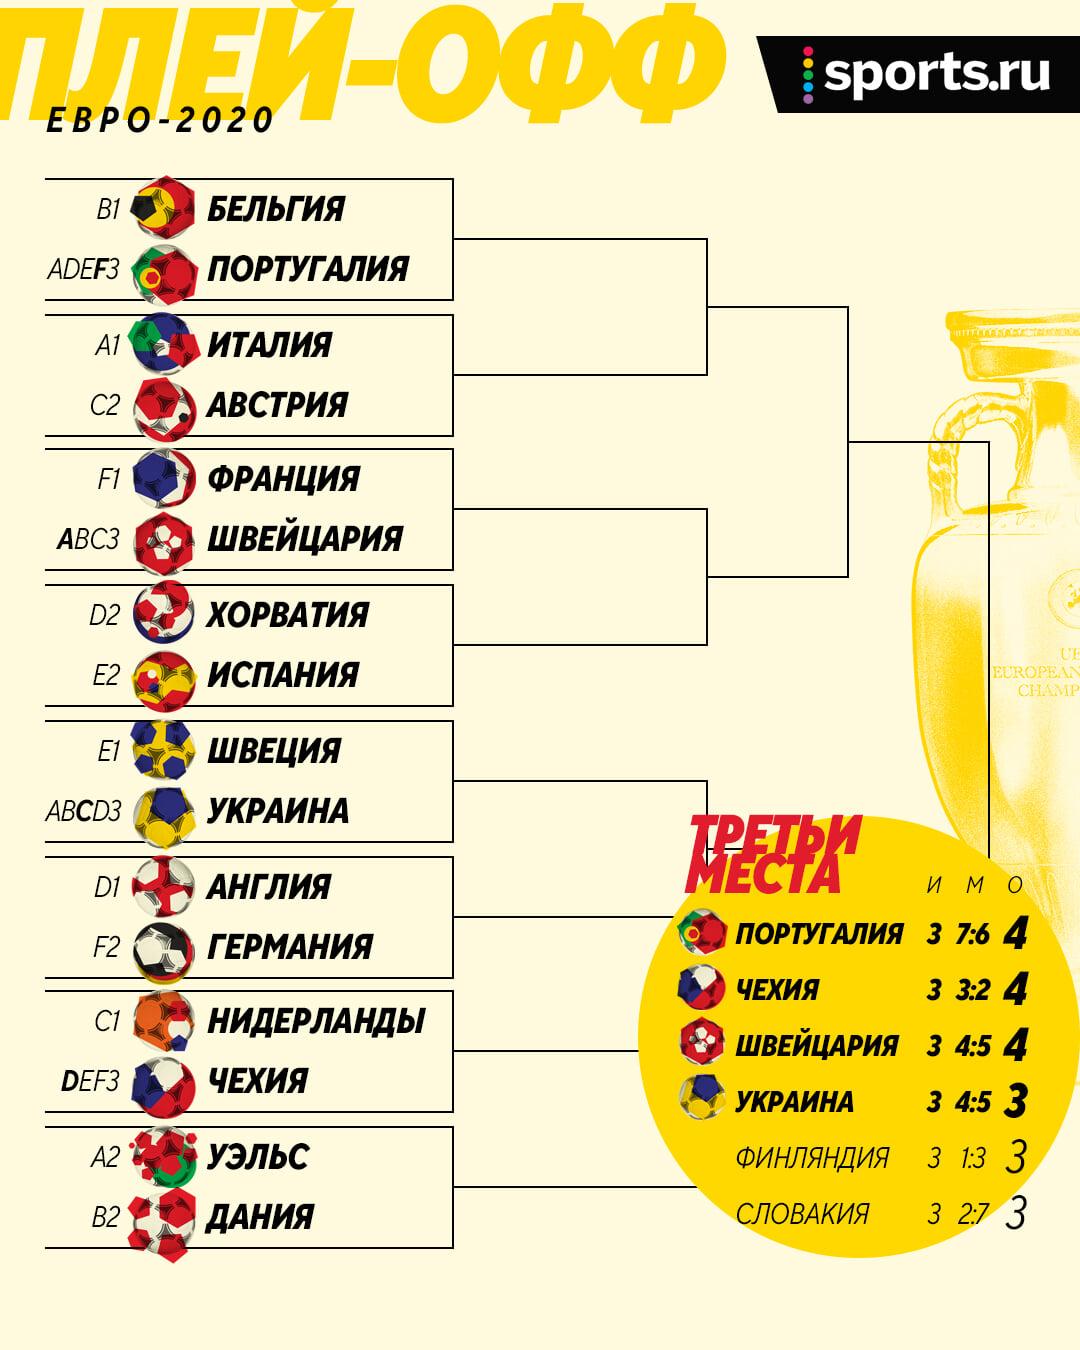 Сетка и расписание плей-офф Евро-2020. Бельгия сразу против Роналду, Англия с Германией, Украина – Швеция